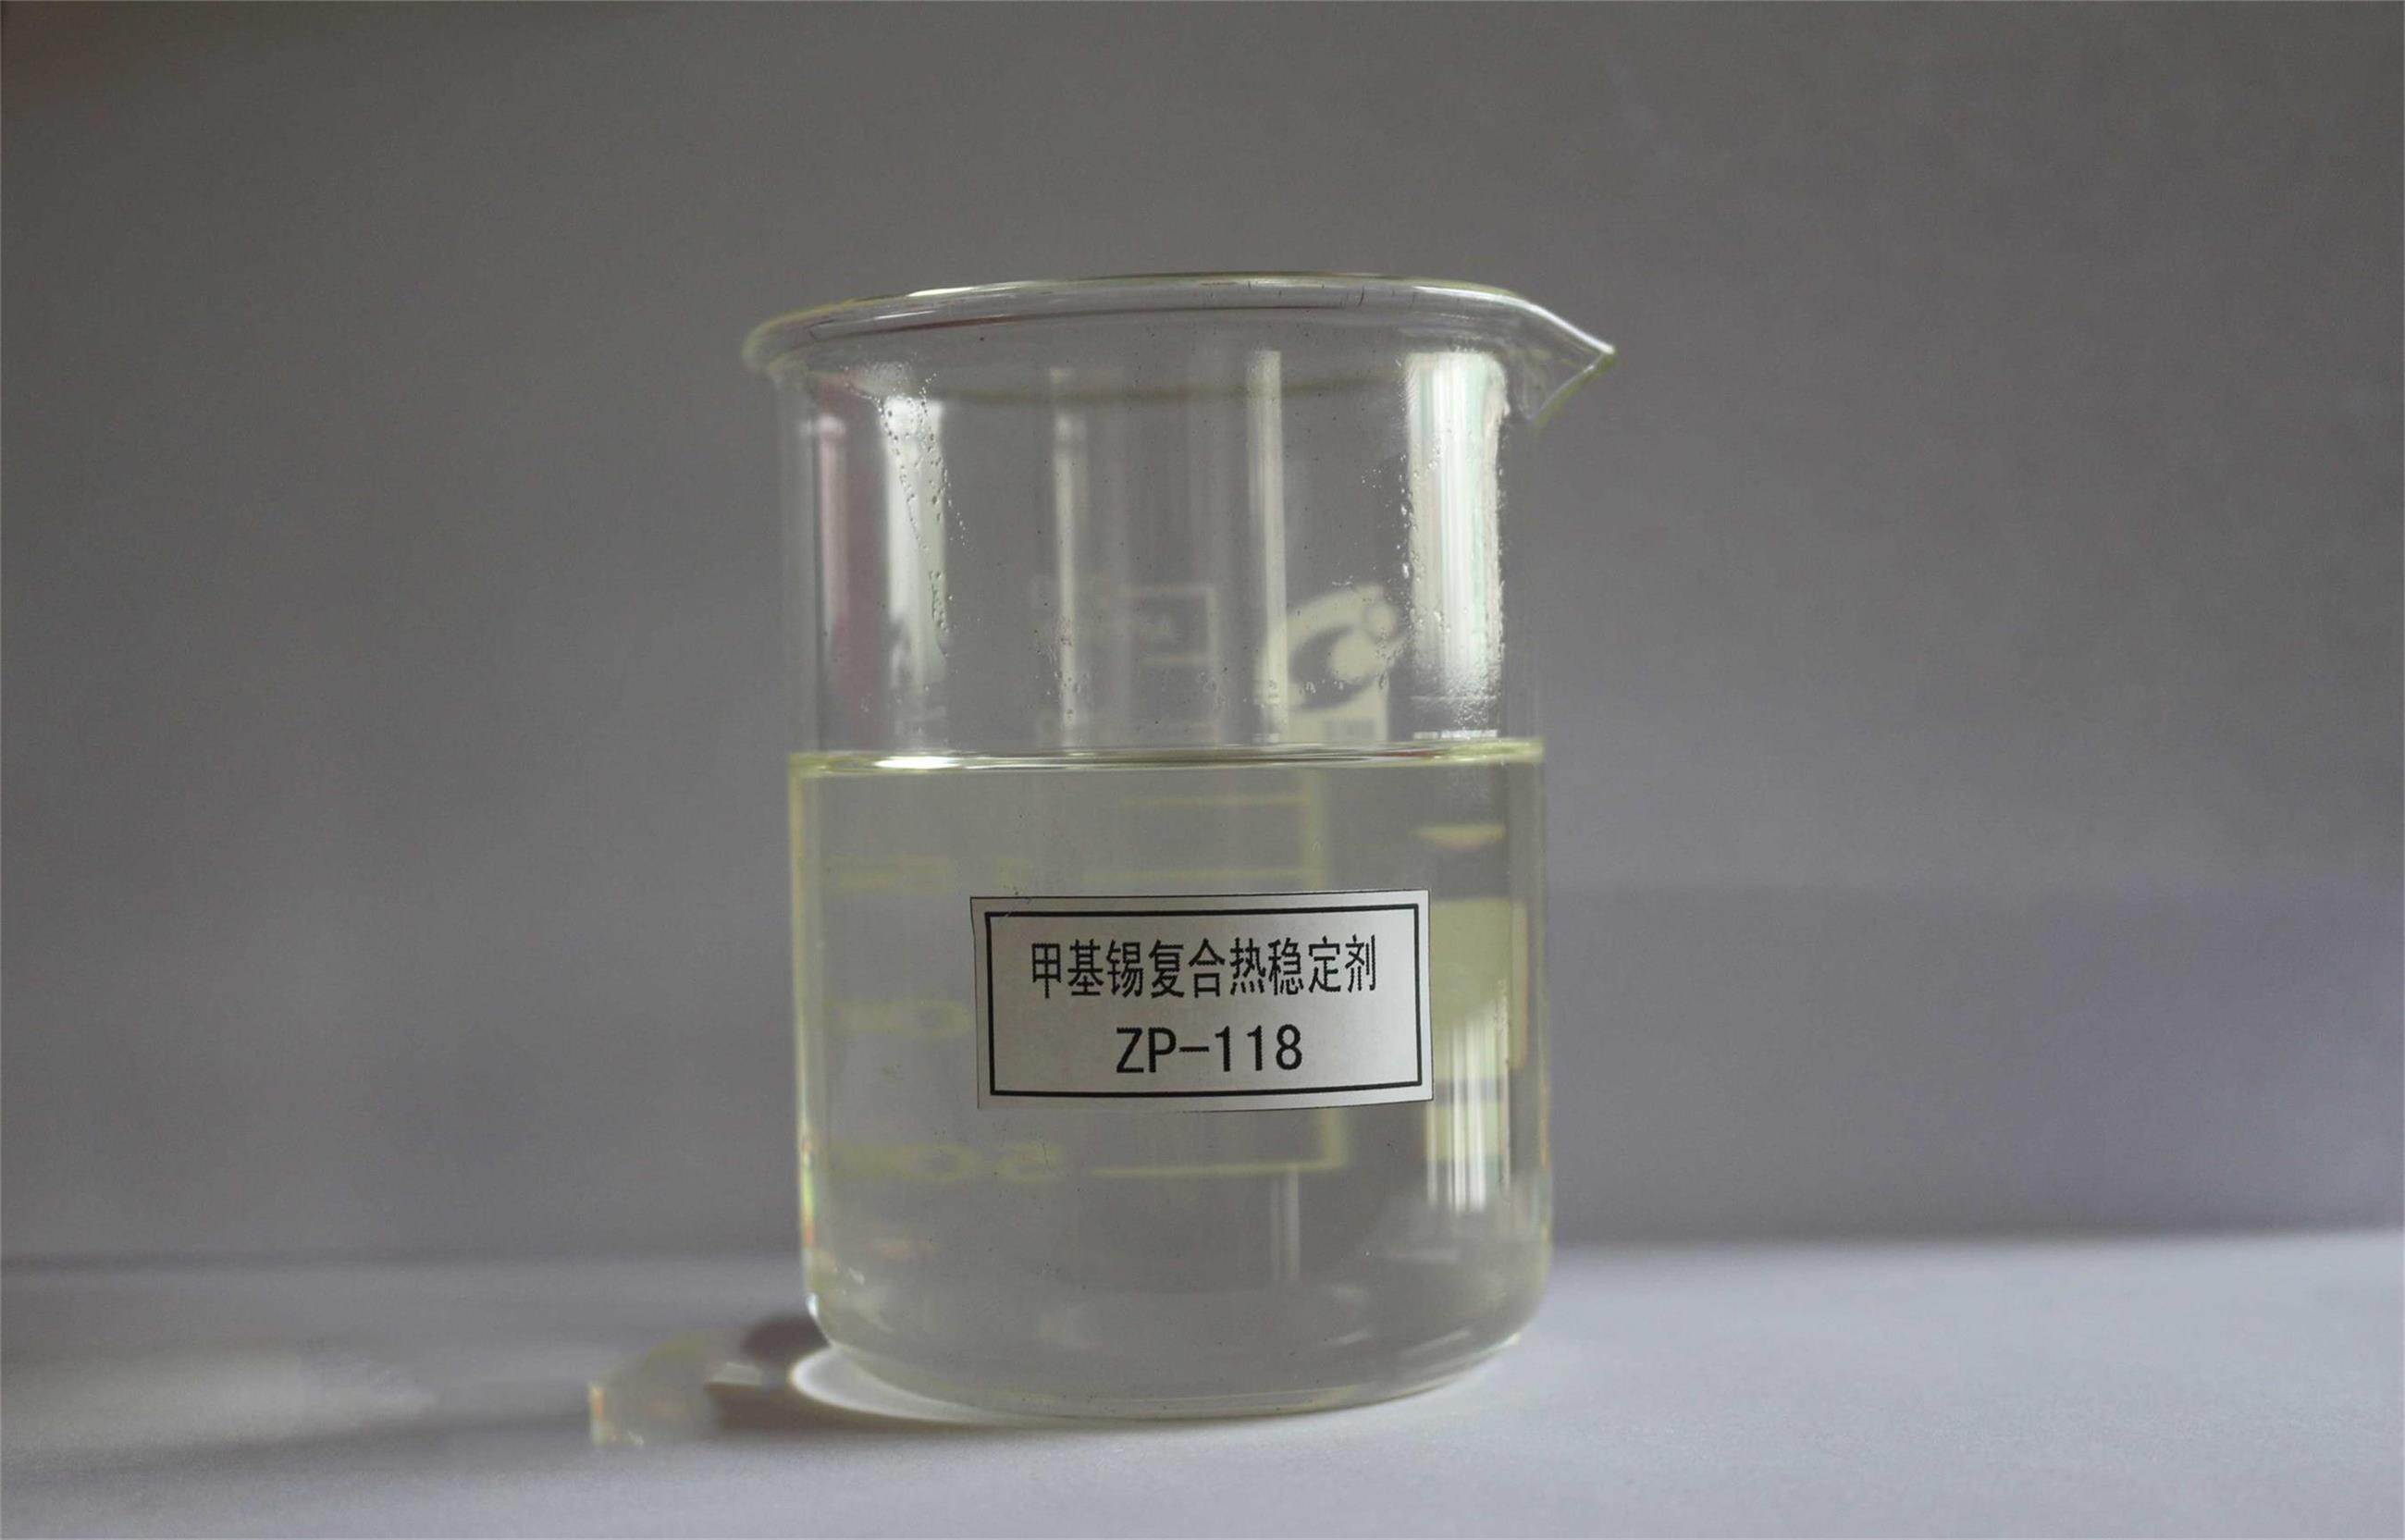 山东新型环氧增塑剂,新型环氧增塑剂价格,新型环氧增塑剂